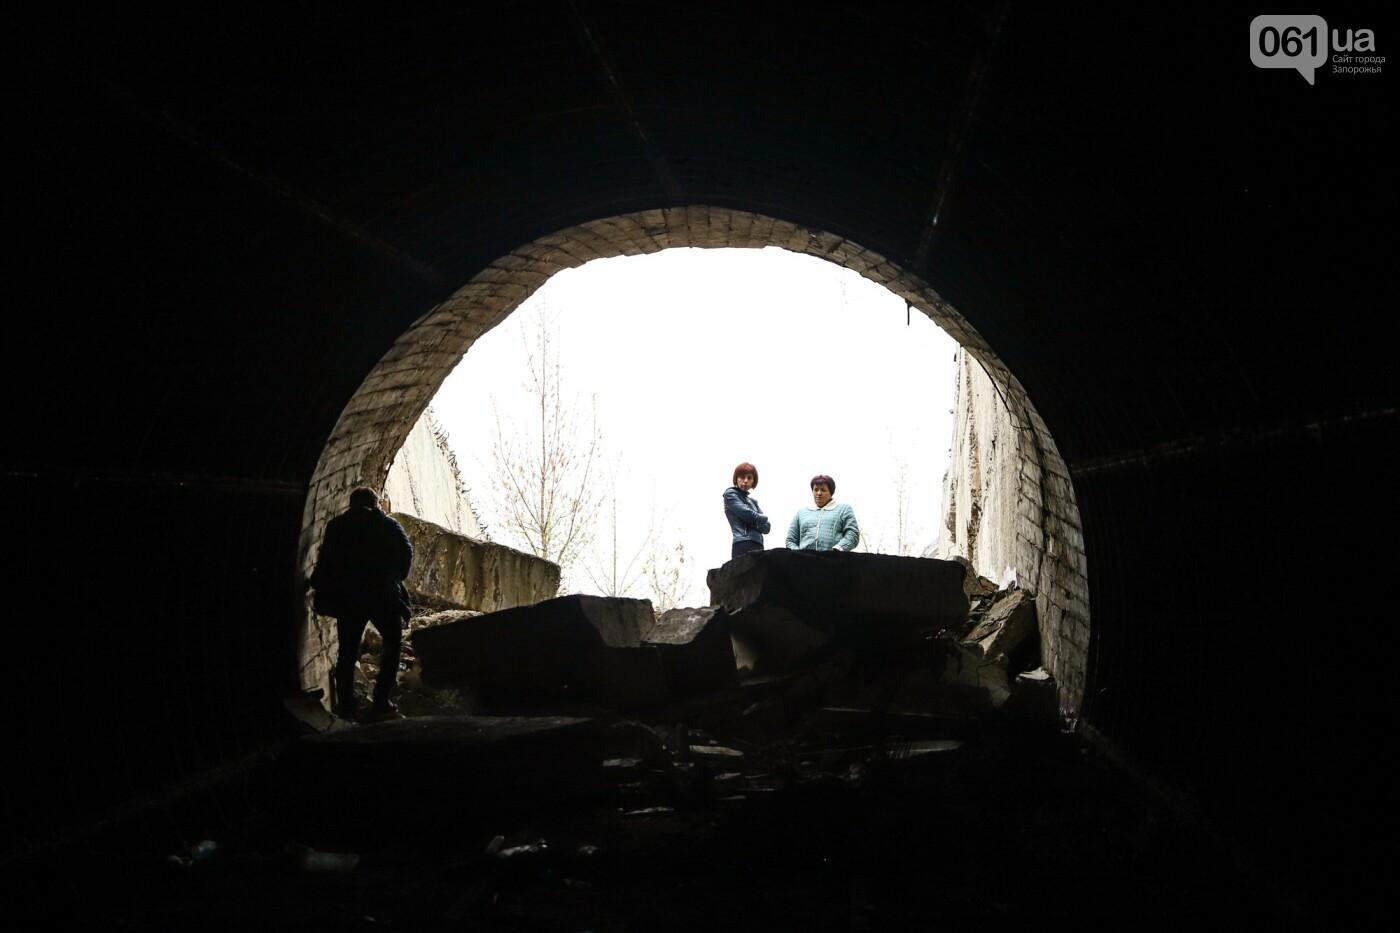 В Степногорске пытаются разобрать на металлолом шахту - промплощадка ГОКа превратилась в руины, - ФОТОРЕПОРТАЖ , фото-17